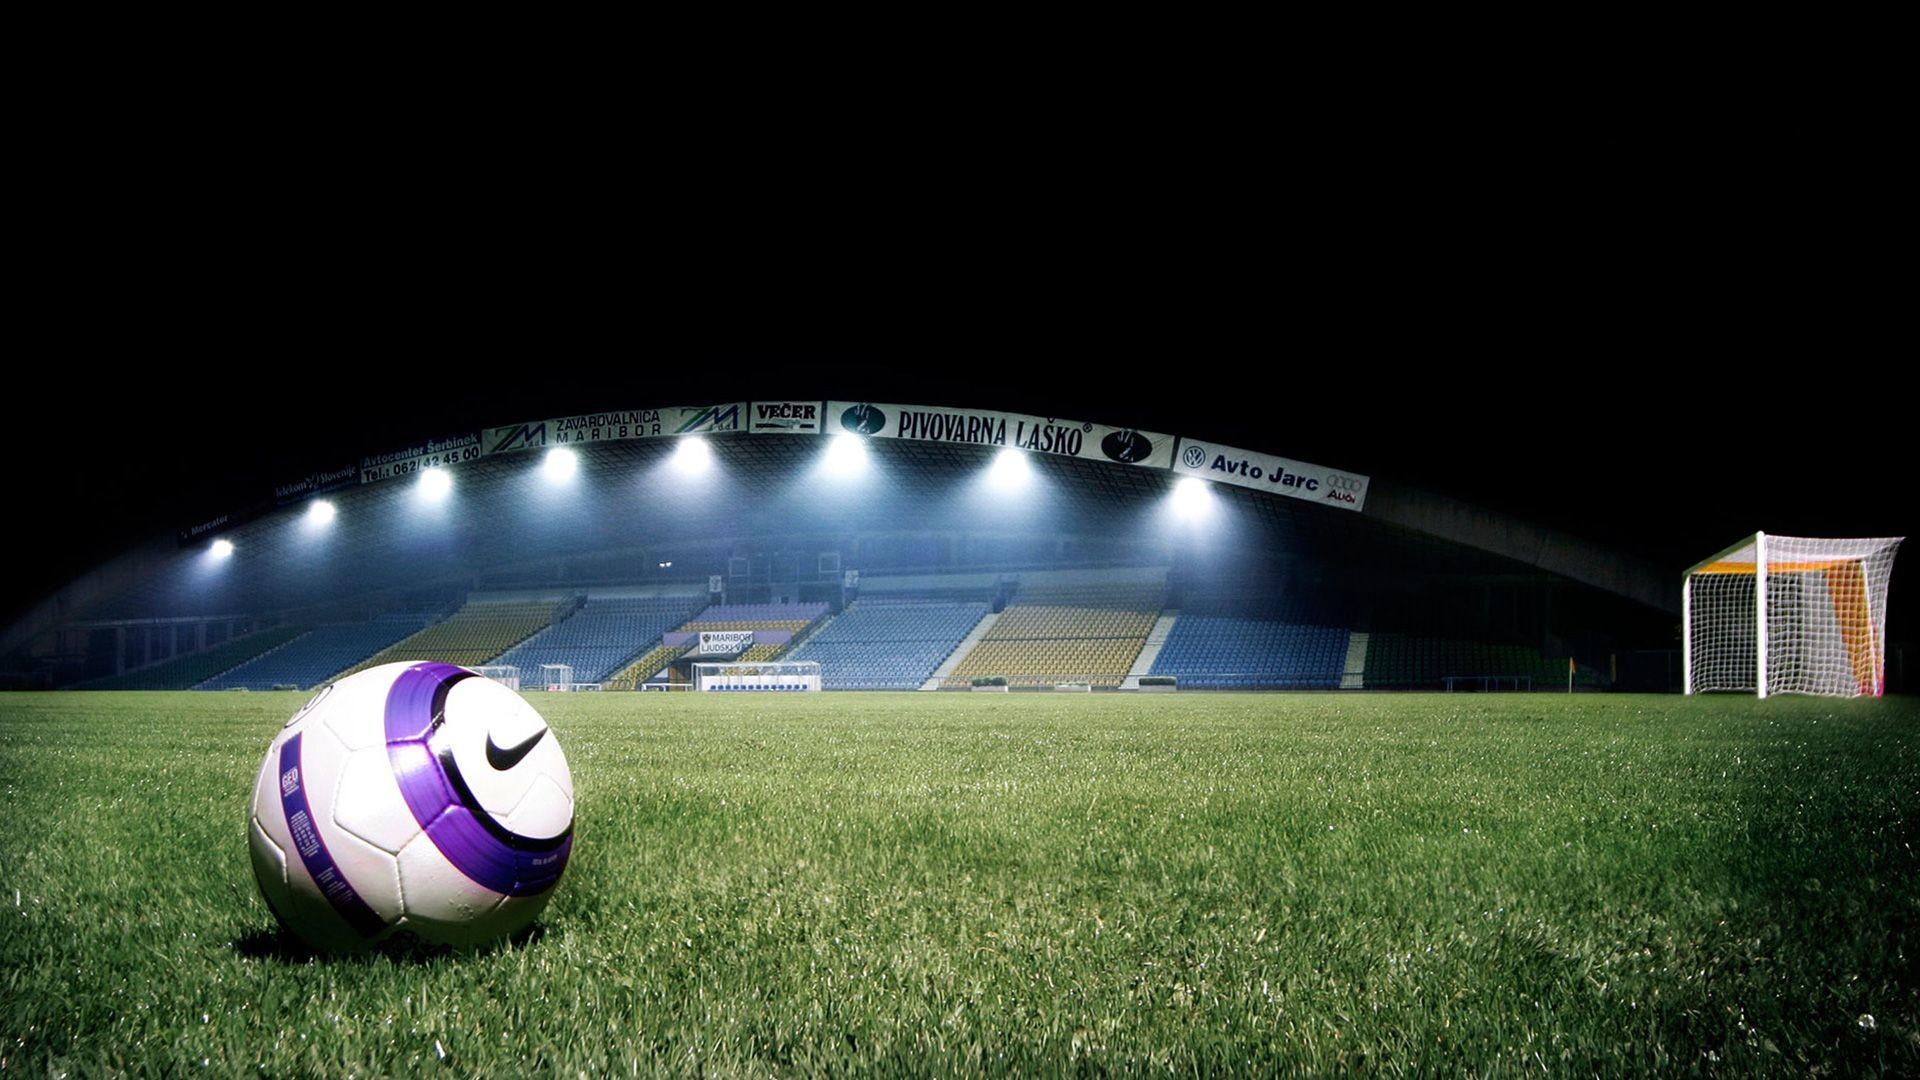 … football wallpaper 66 …